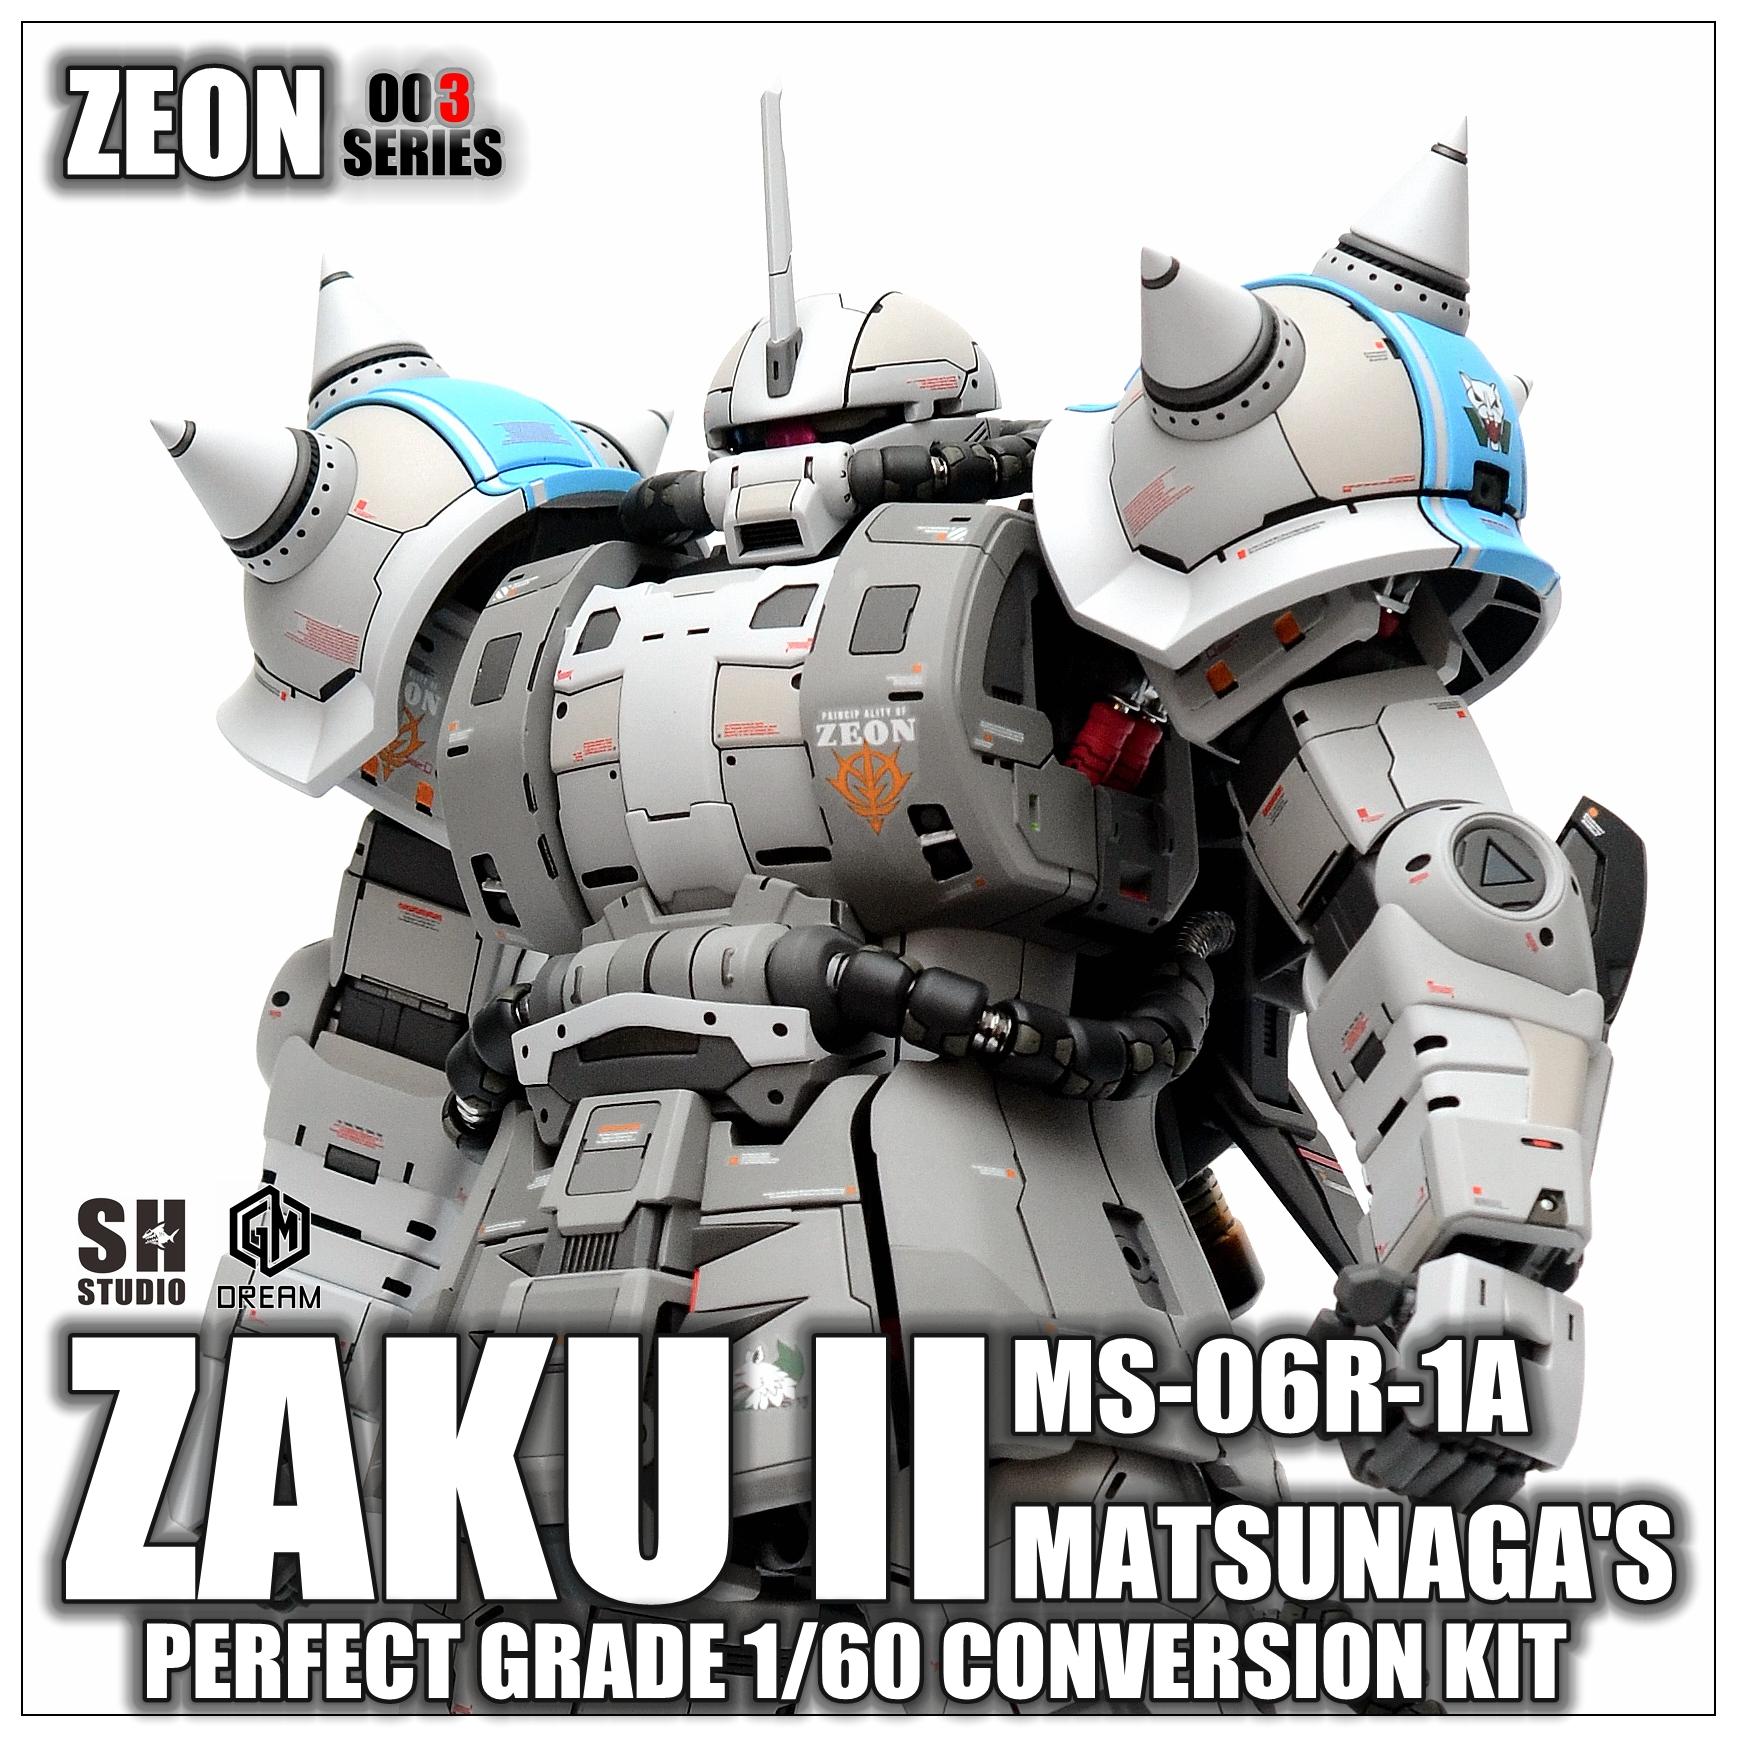 G655_PG_zaku2_matsunagas_001.jpg